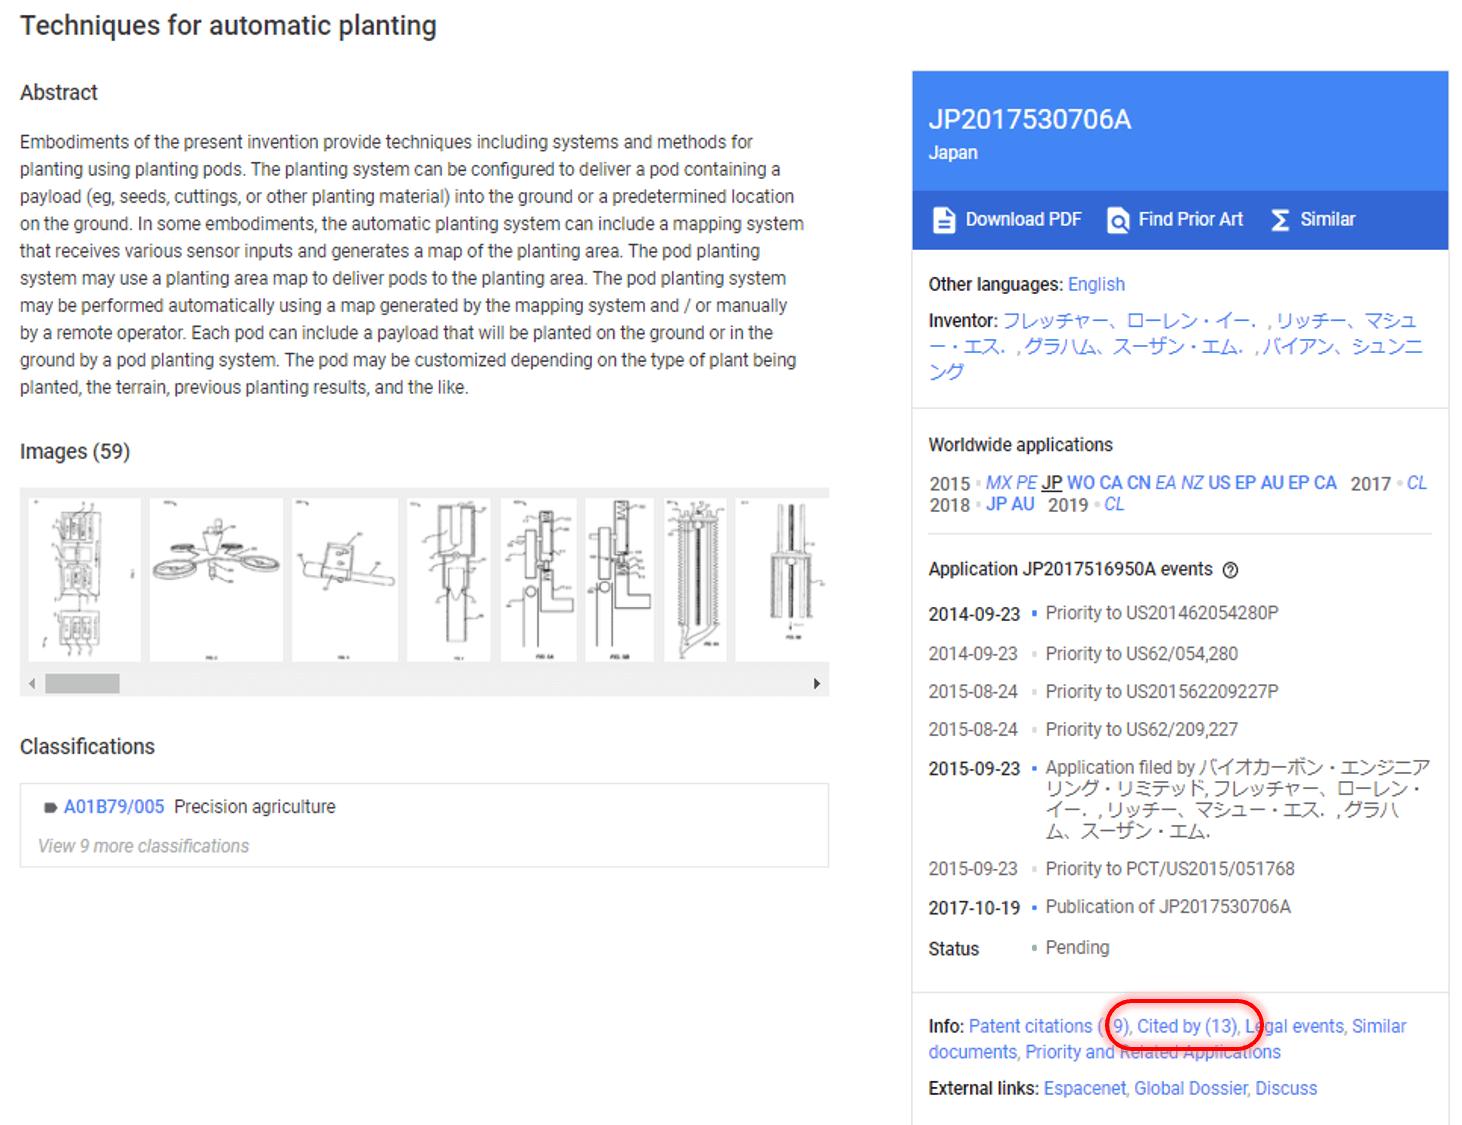 被引用特許_BioCarbonEngineering